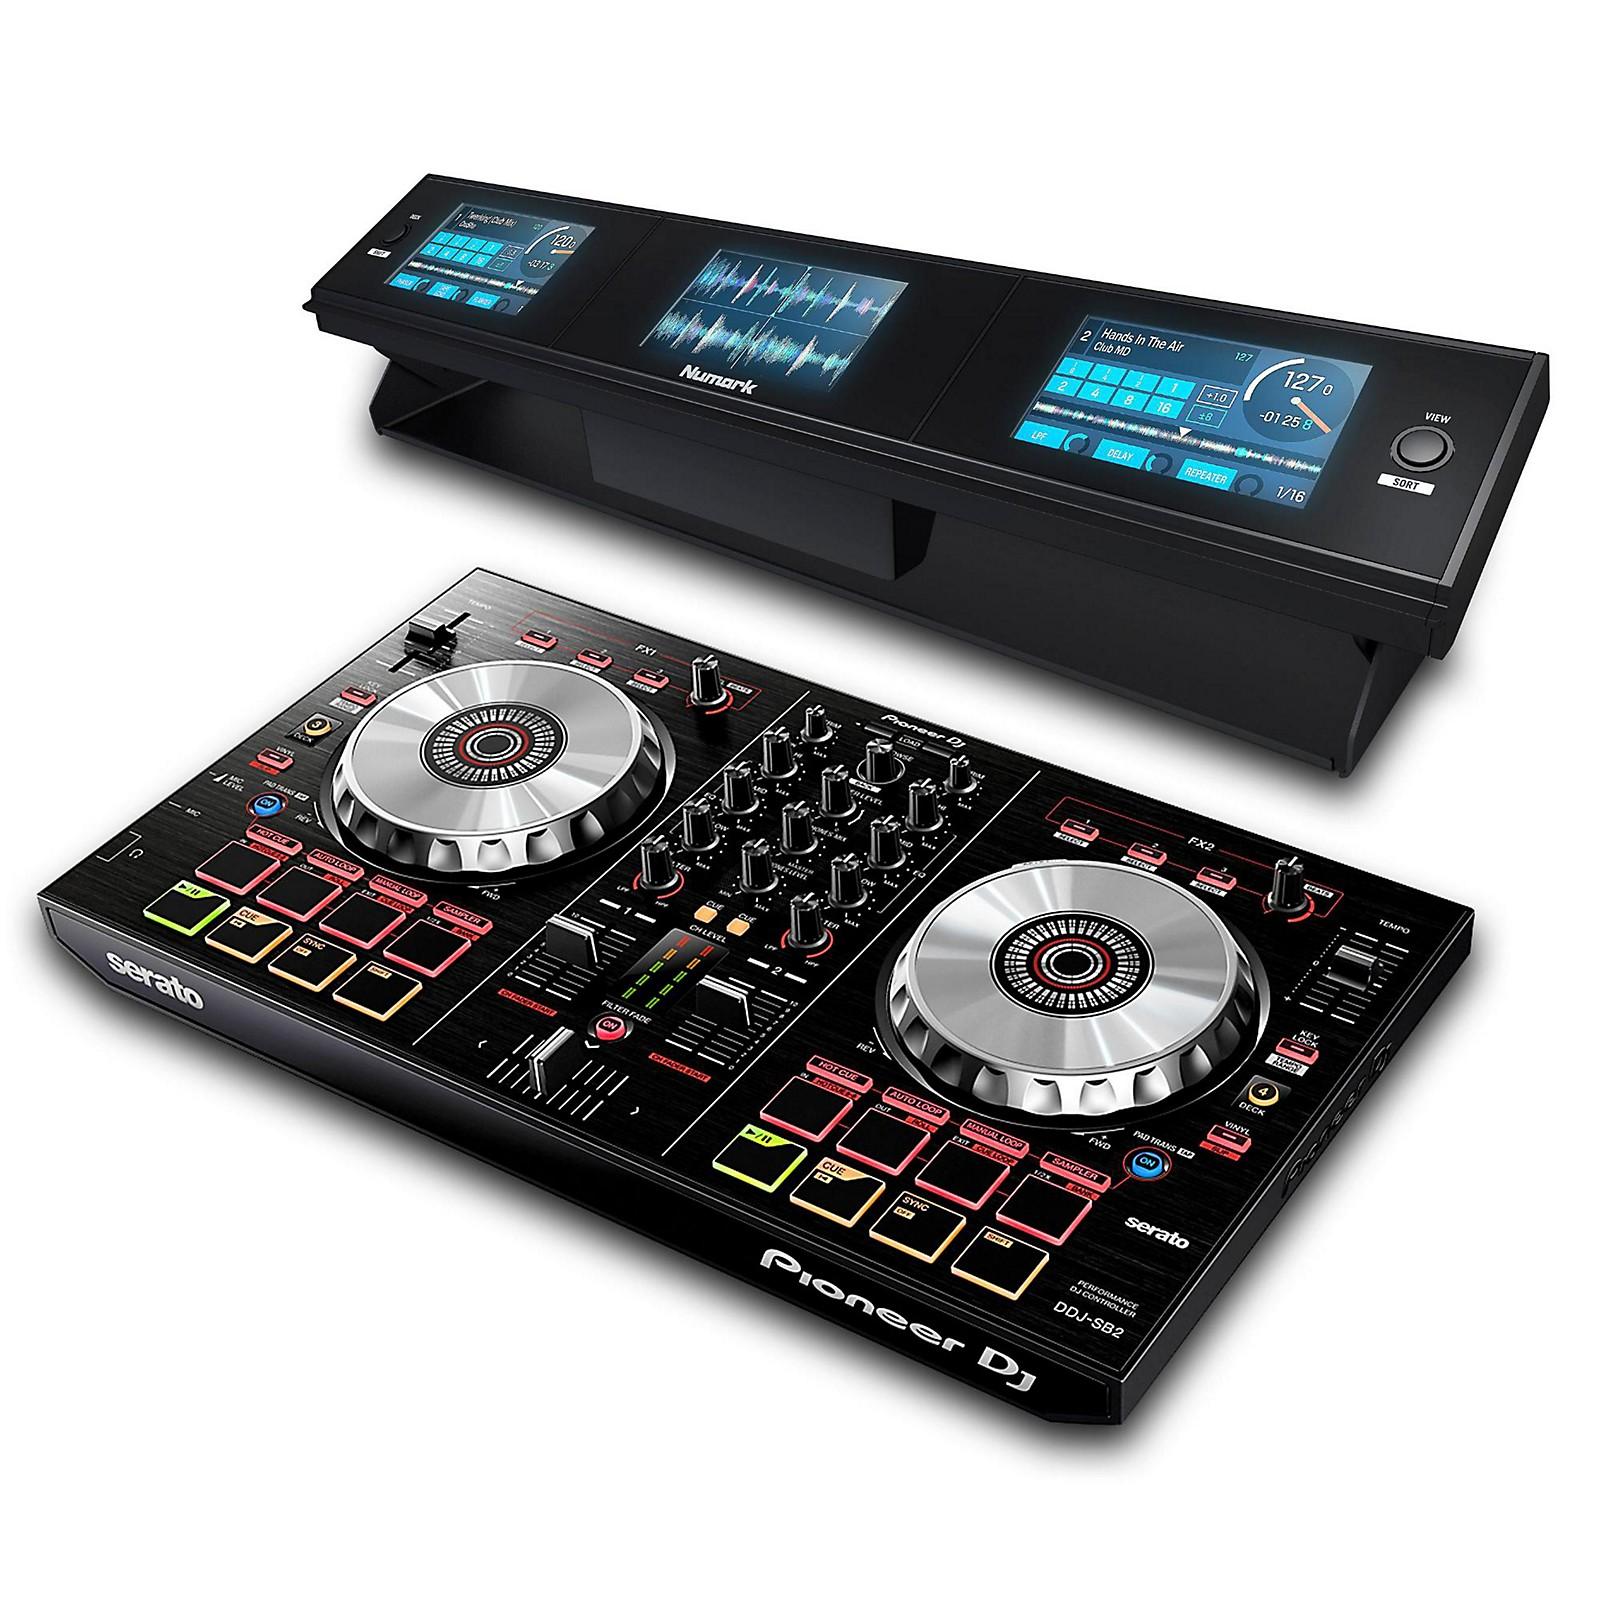 Pioneer DDJ-SB2 Serato DJ Intro Controller with Dashboard 3-Screen Display